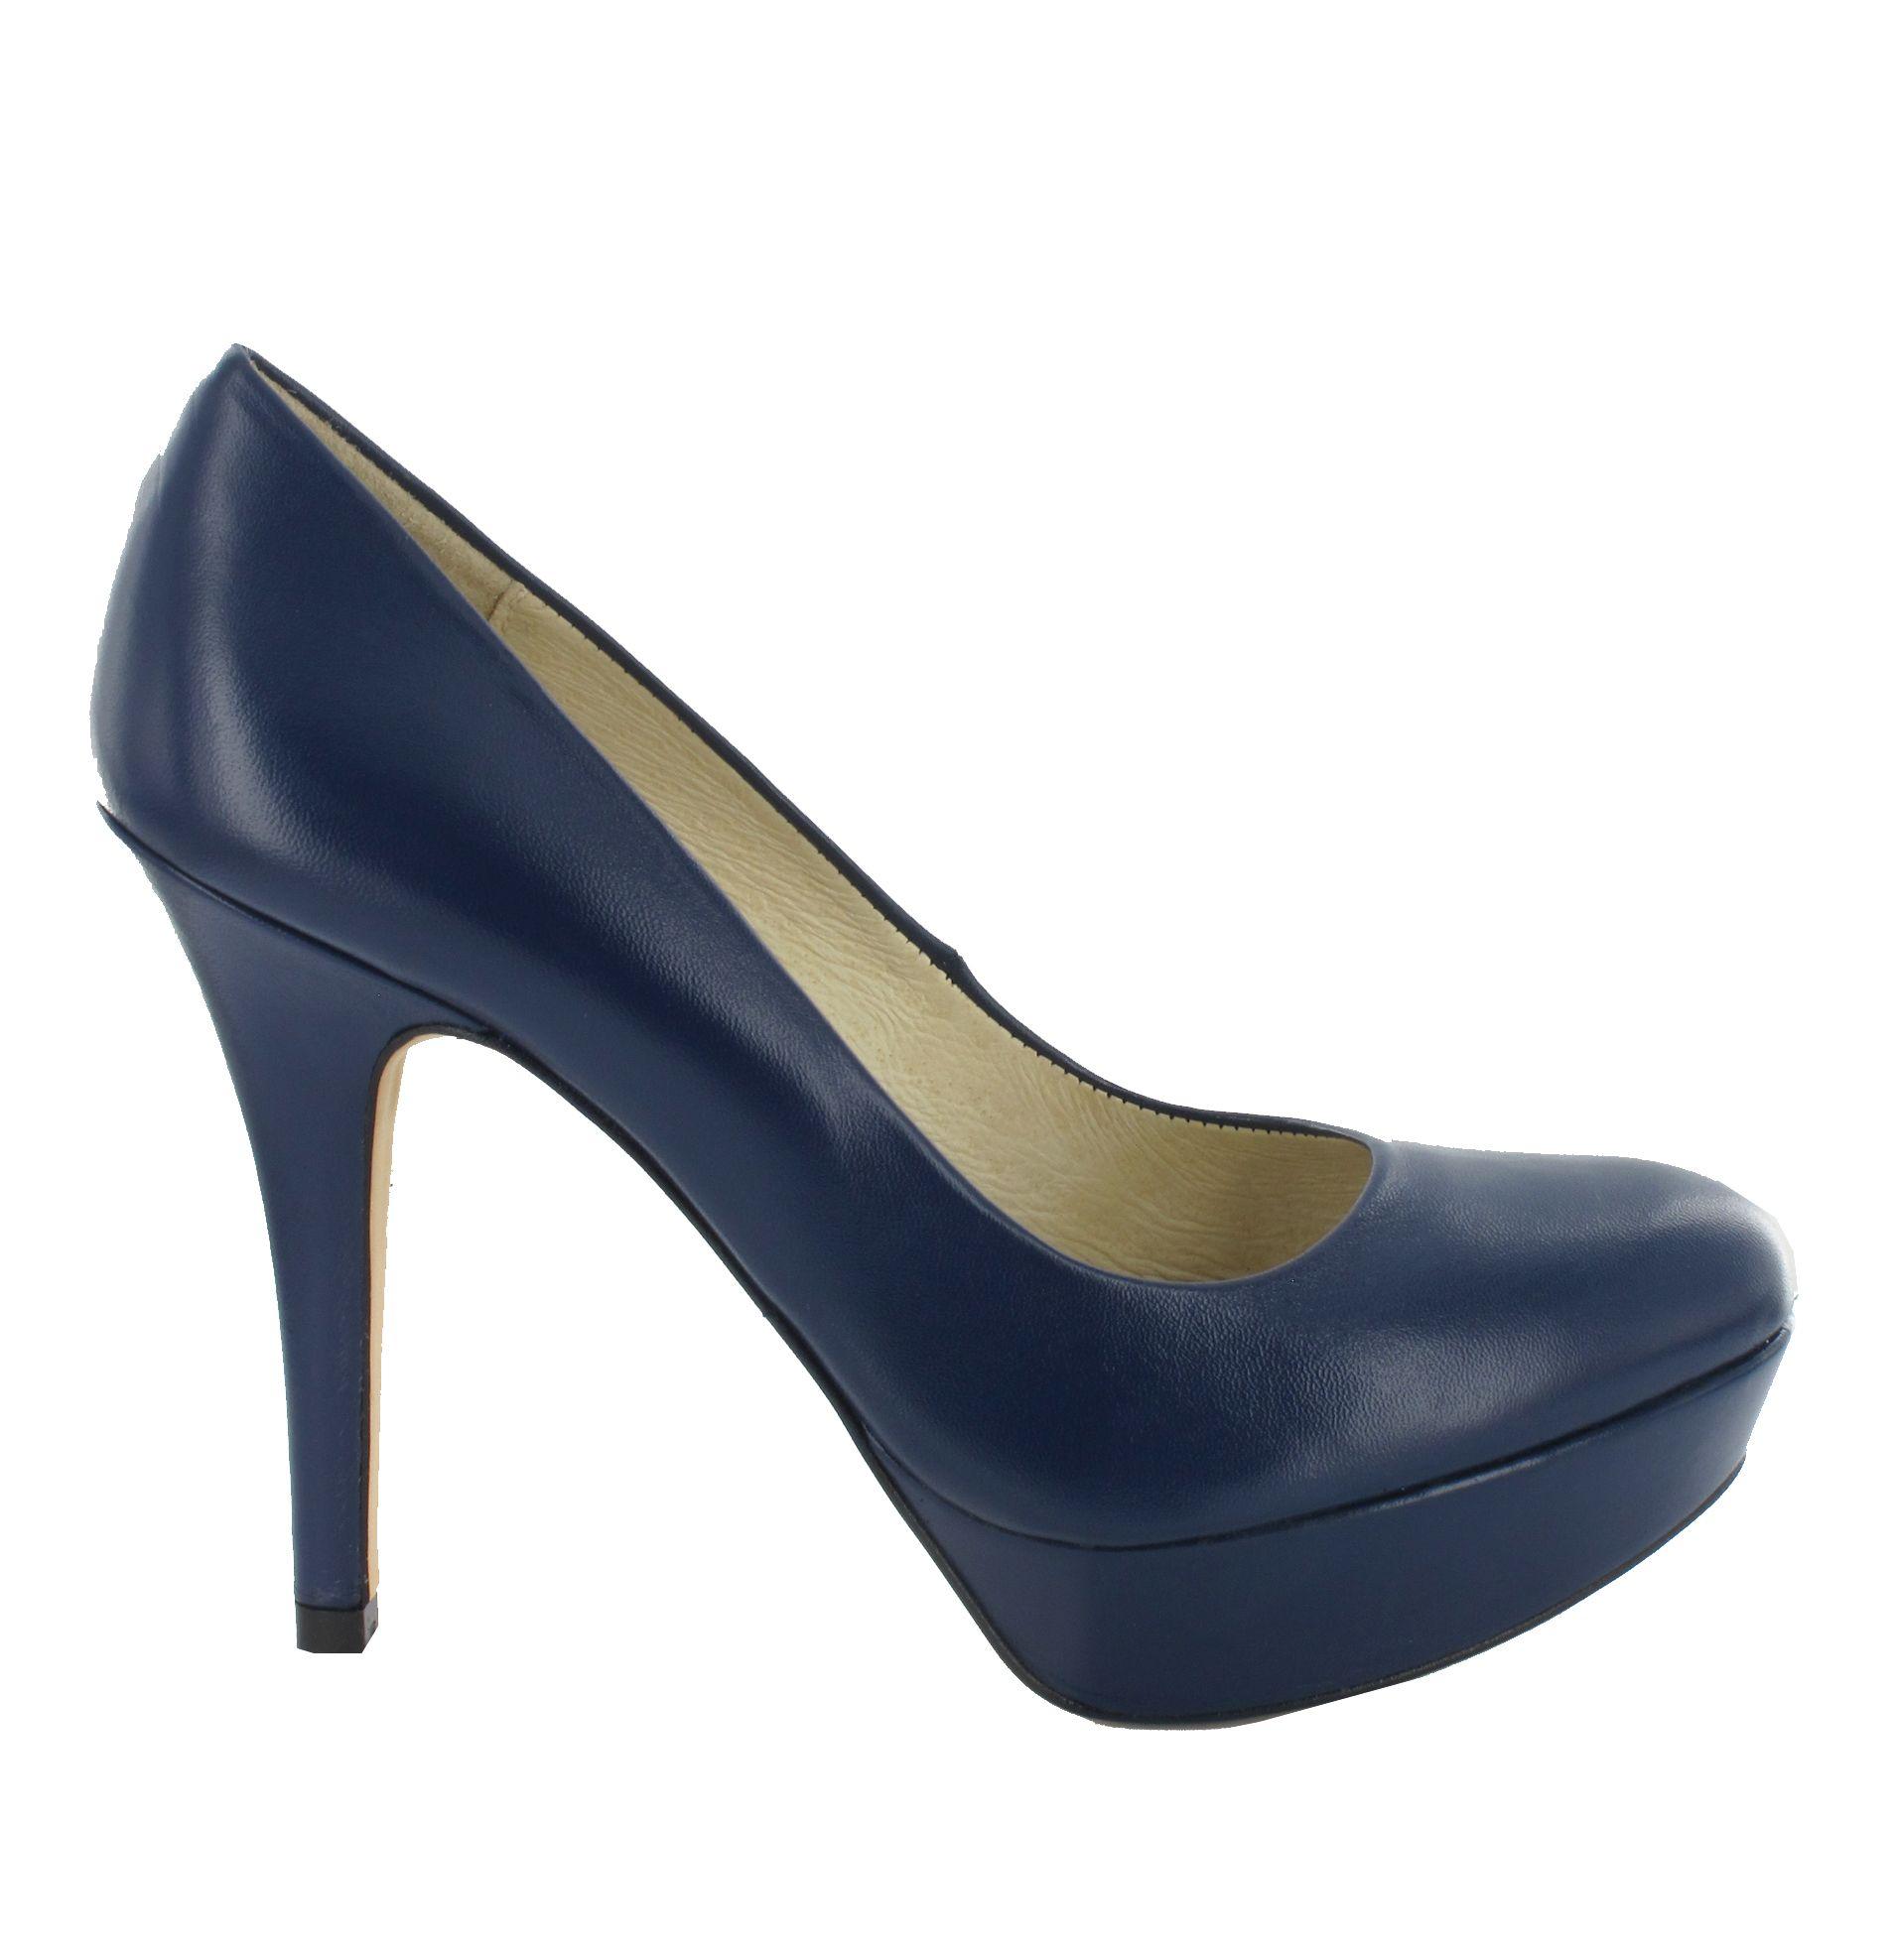 Zapato Salón de piel con plataforma en Azul Marino. Un modelo básico y cómodo. Ref.6245 //Leather platform high heel in Navy Blue. A basic and comfortable model. Ref.6245